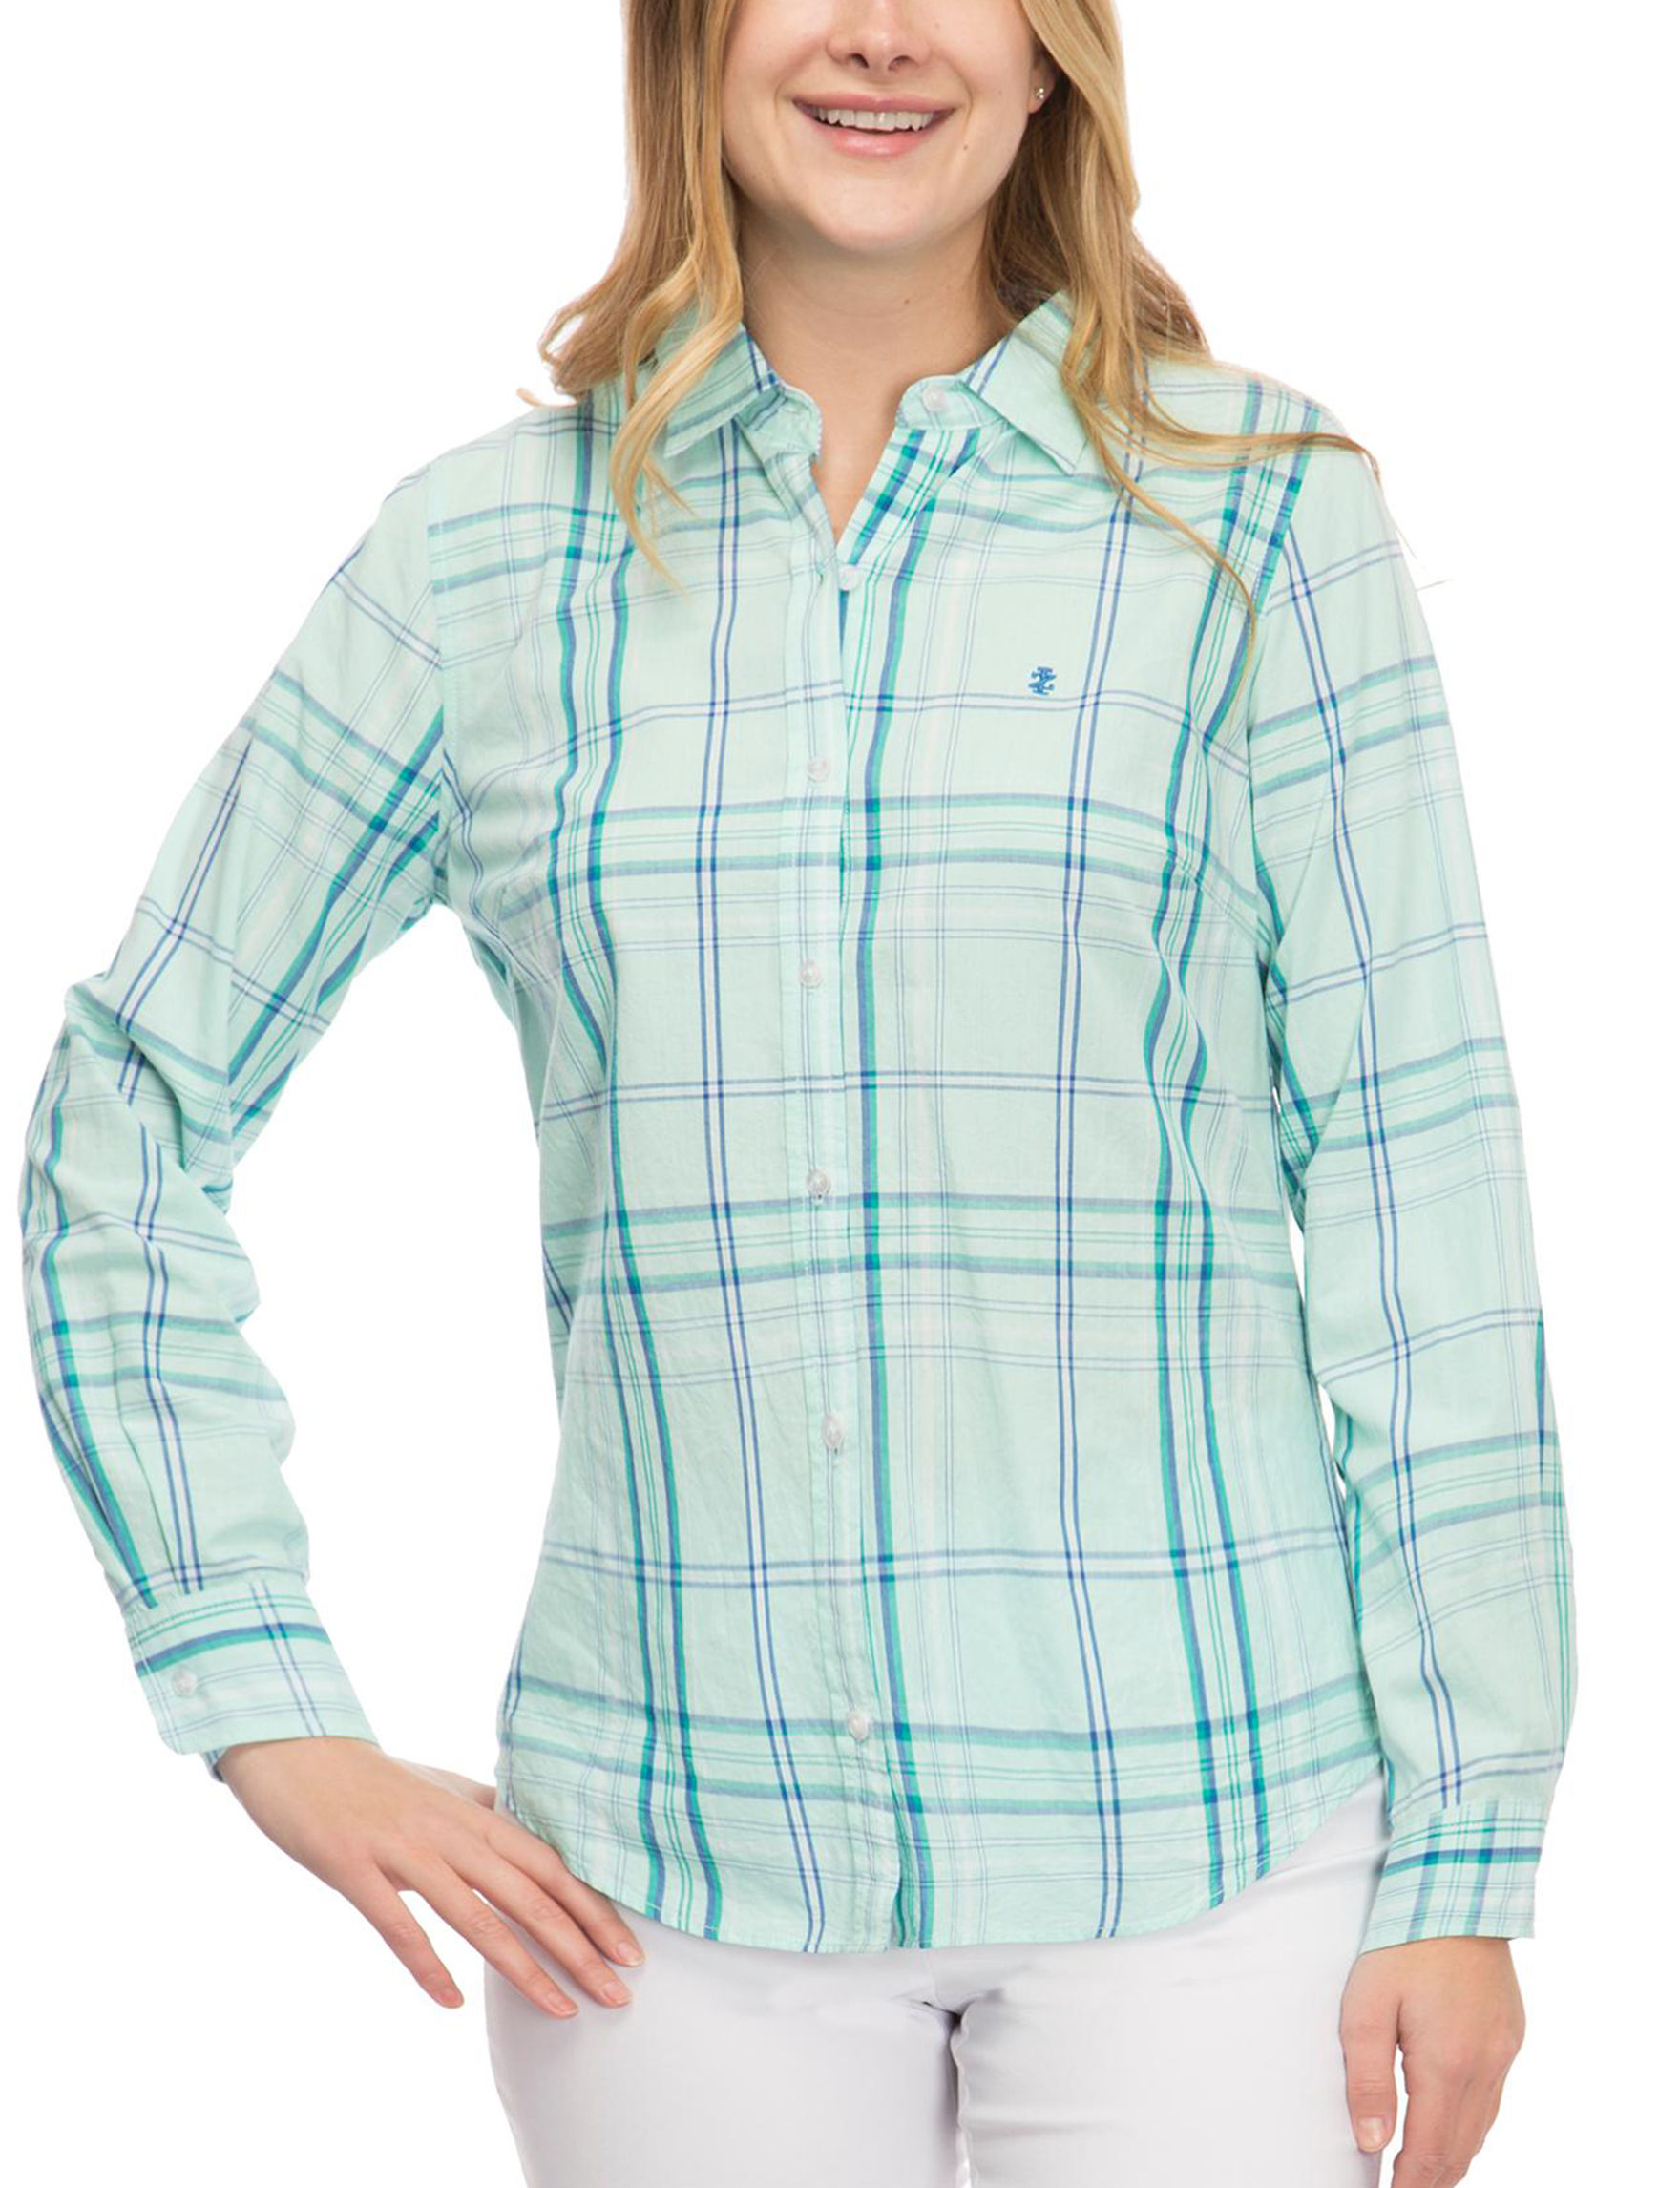 Izod Aqua Shirts & Blouses